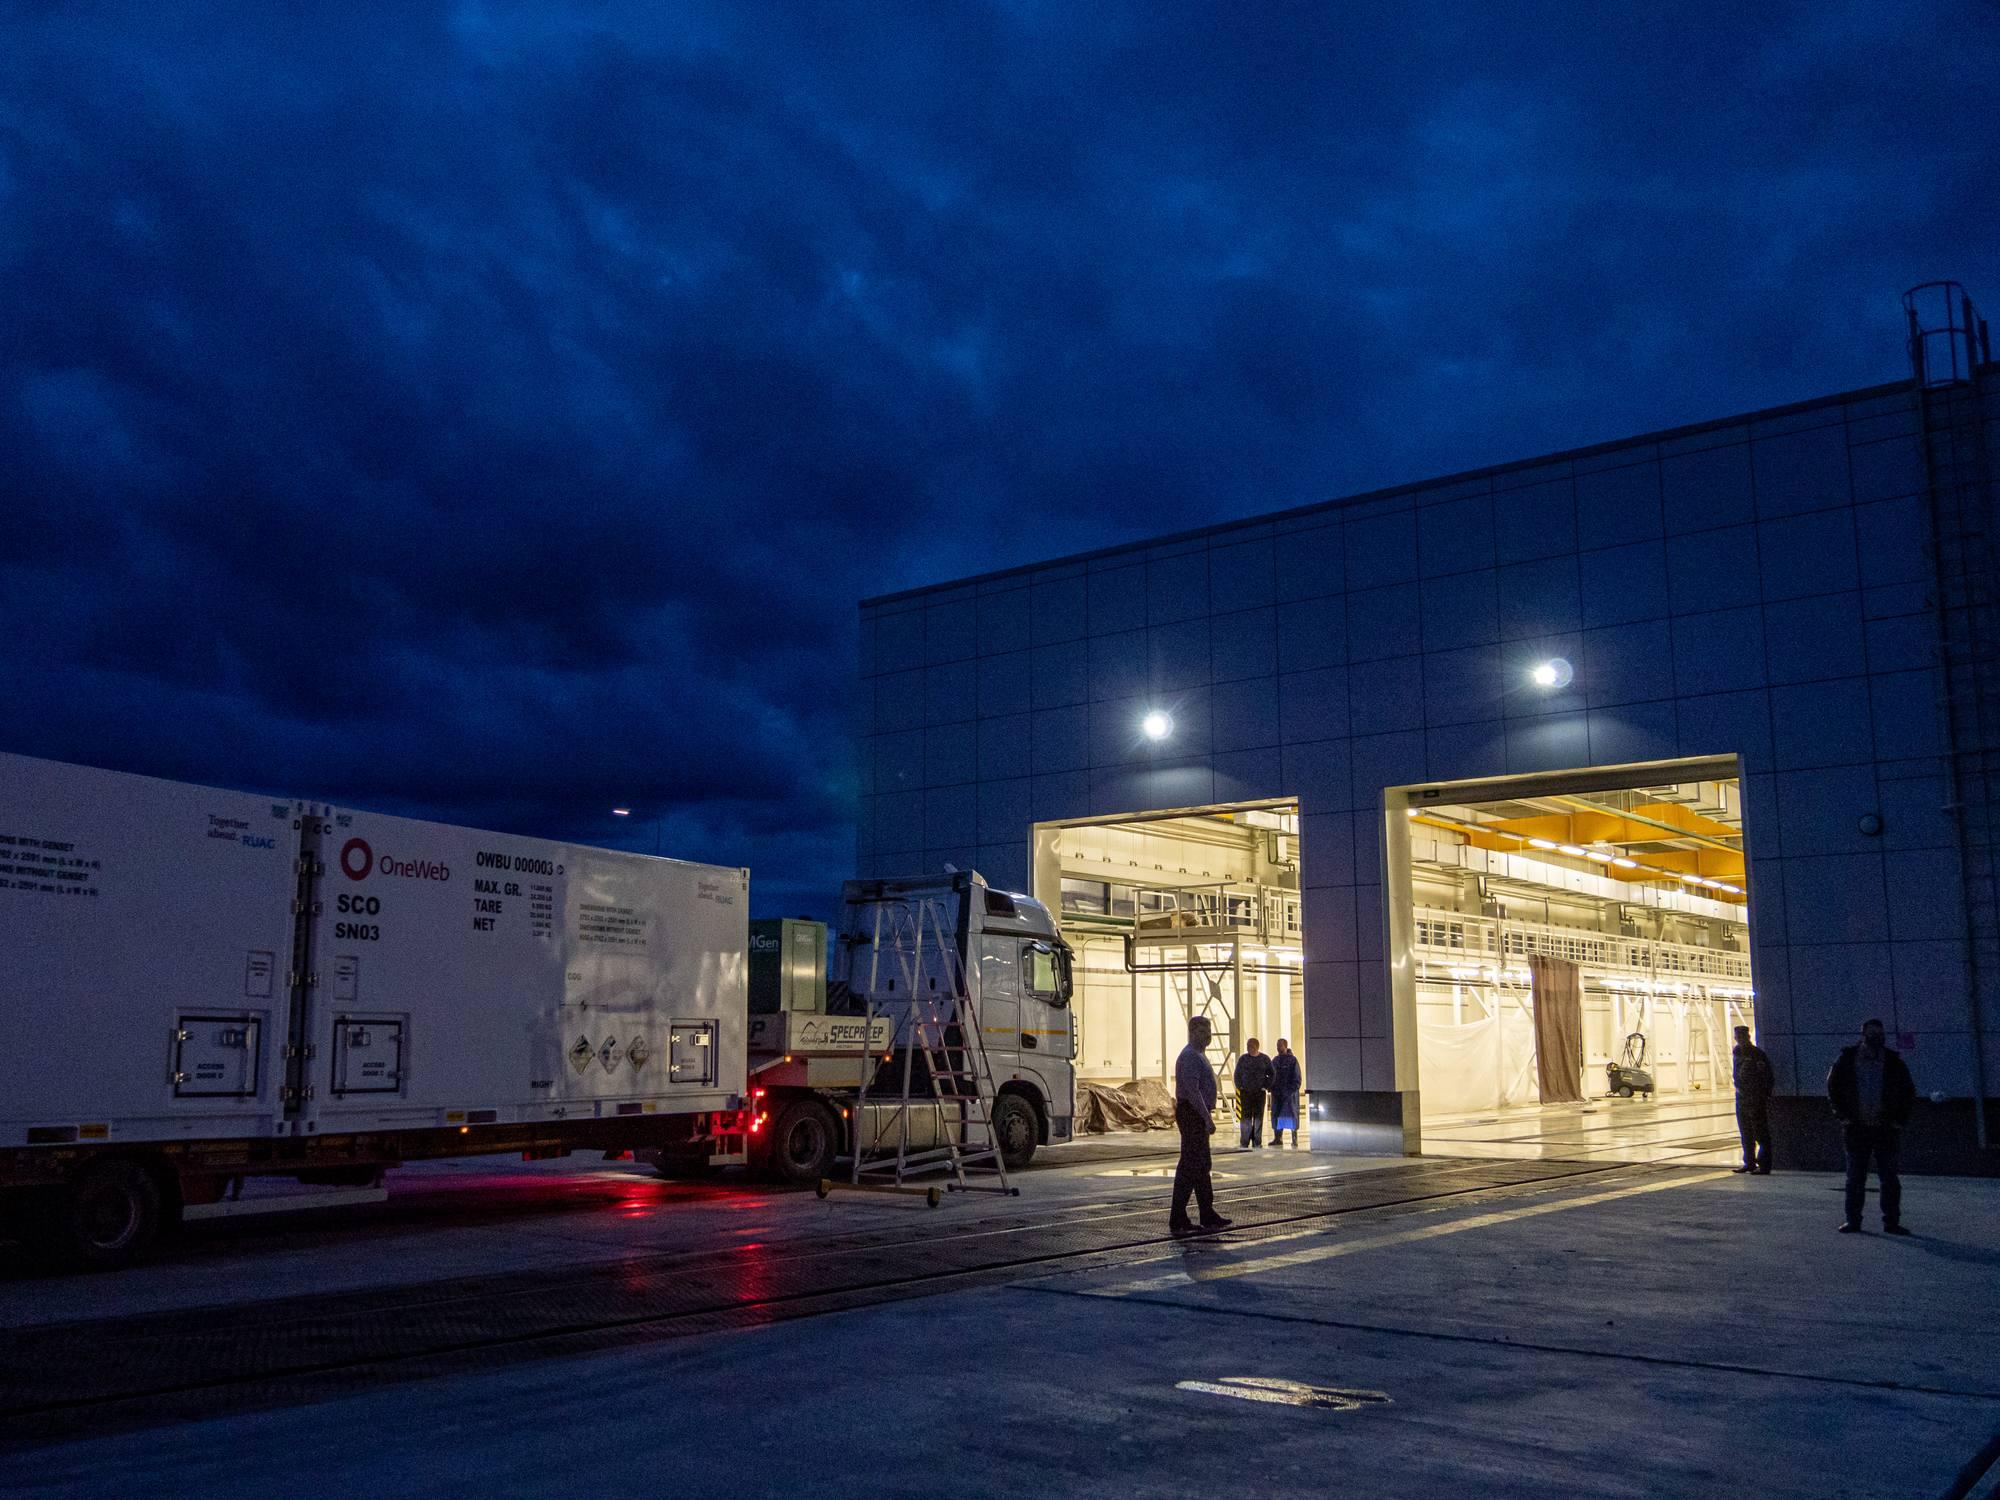 Les camions vont entrer dans la zone d'accueil et de lavage.